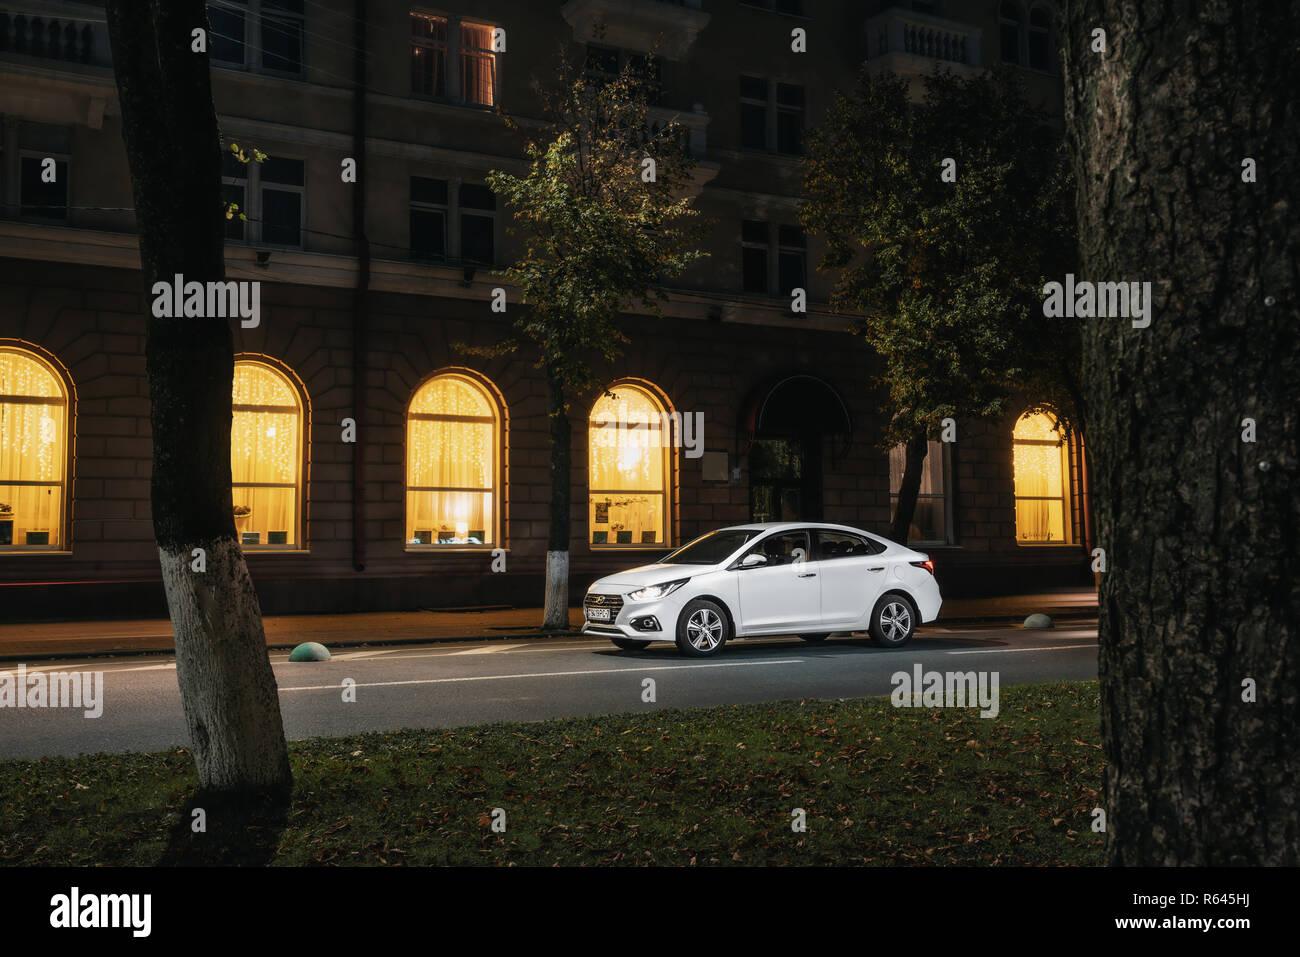 Polack, Bielorussia - 9 Settembre 2018 : Urban car Hyundai Accent Varna o Solaris 2017 nella città di notte Immagini Stock